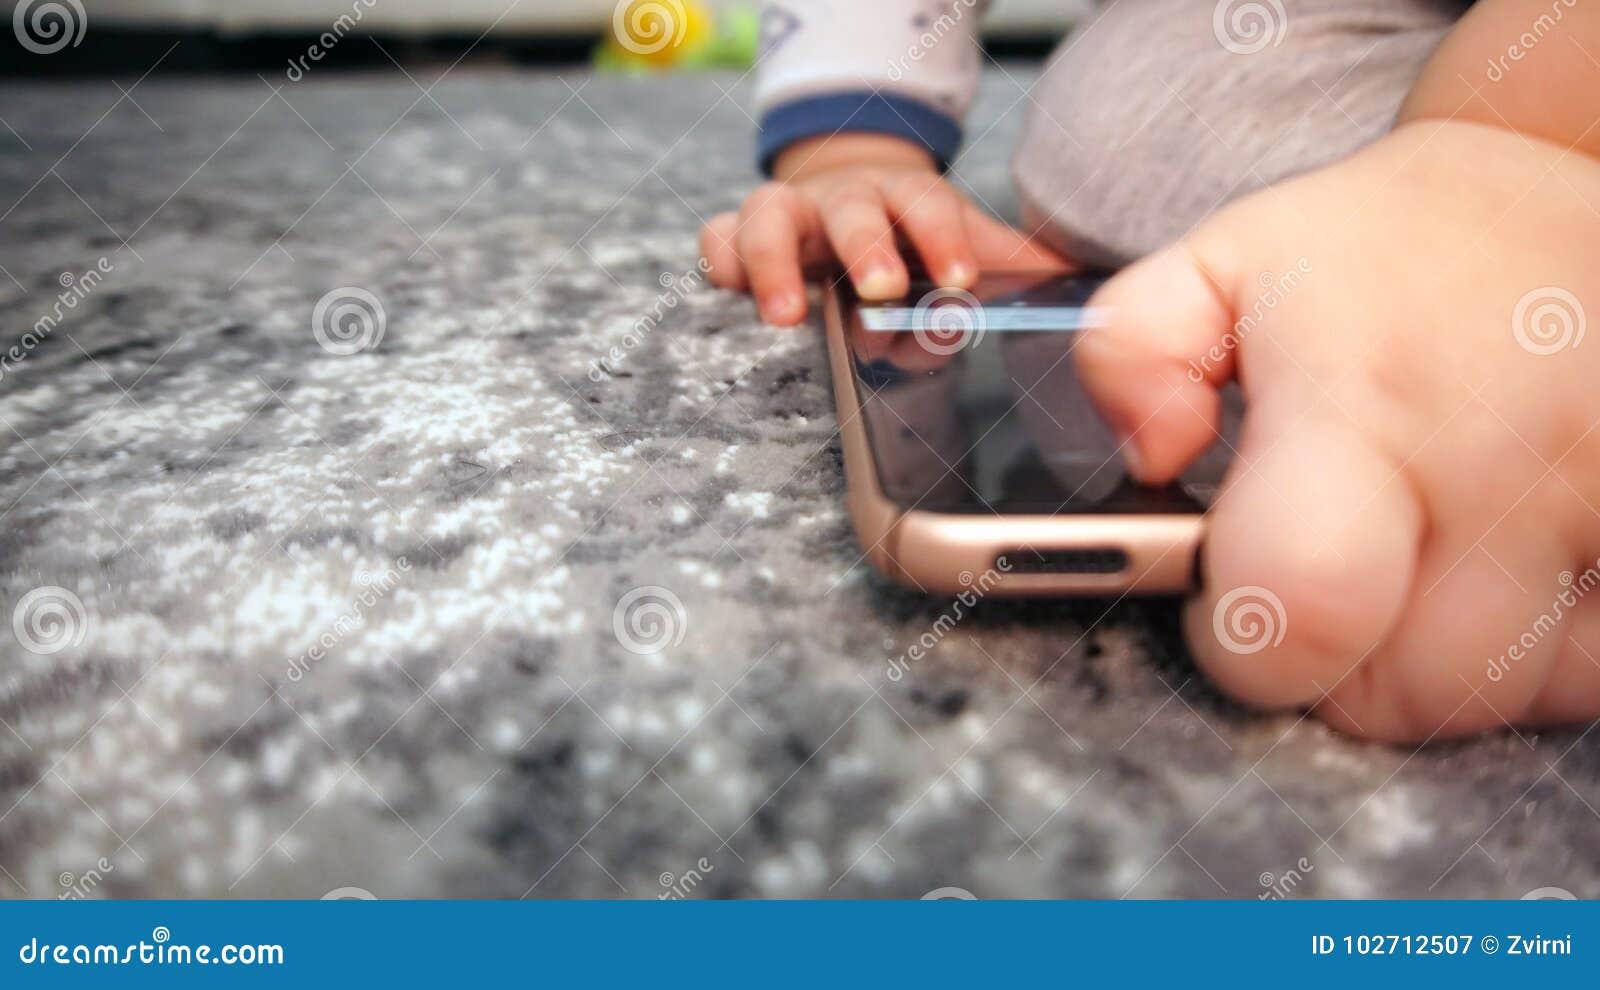 Baby boy hands